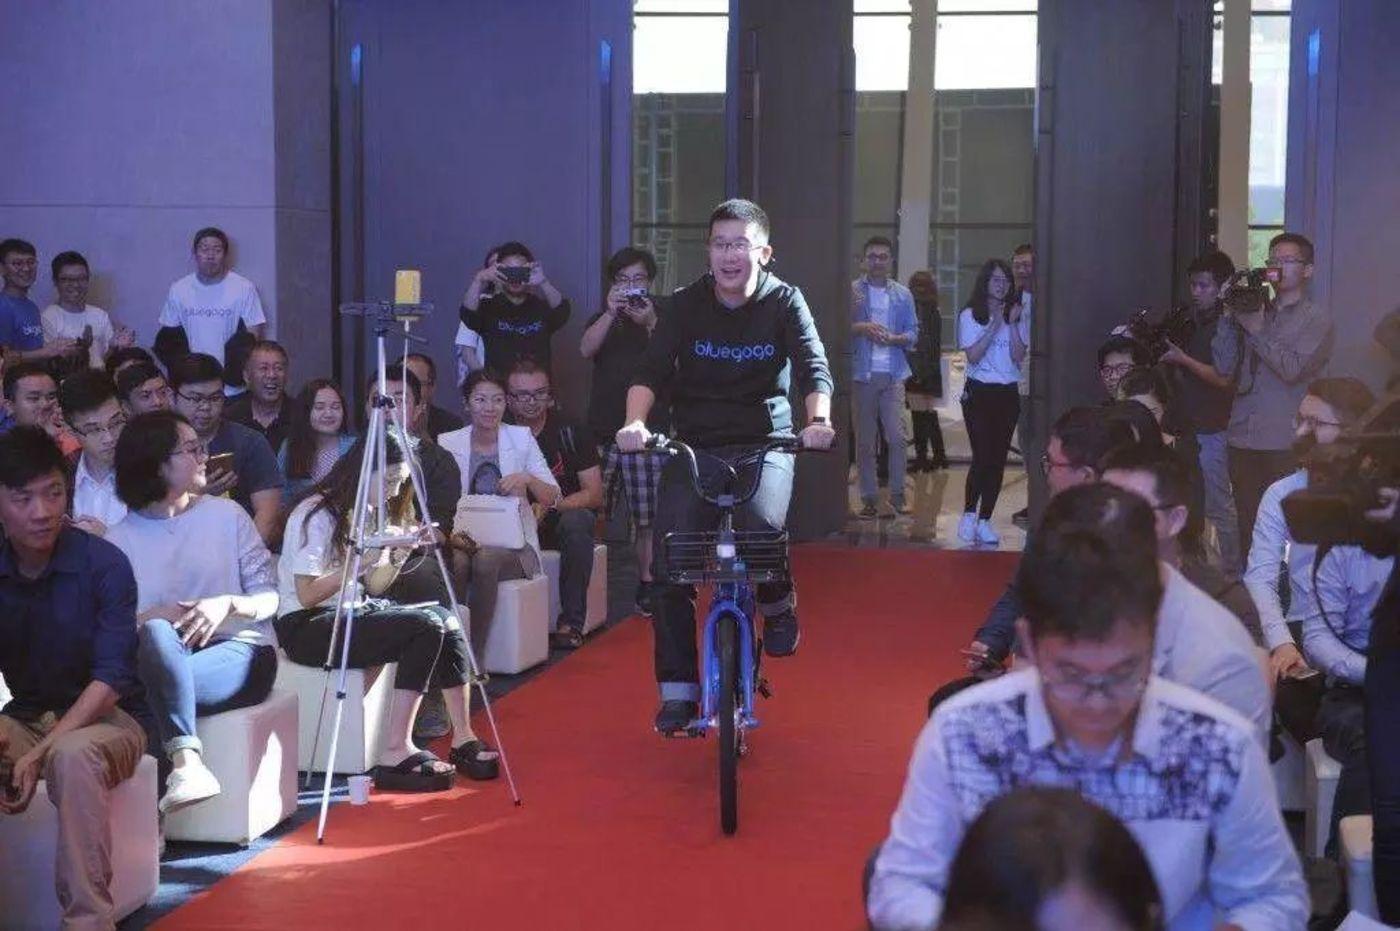 2016年11月的深圳发布会上,李刚骑车进入会场